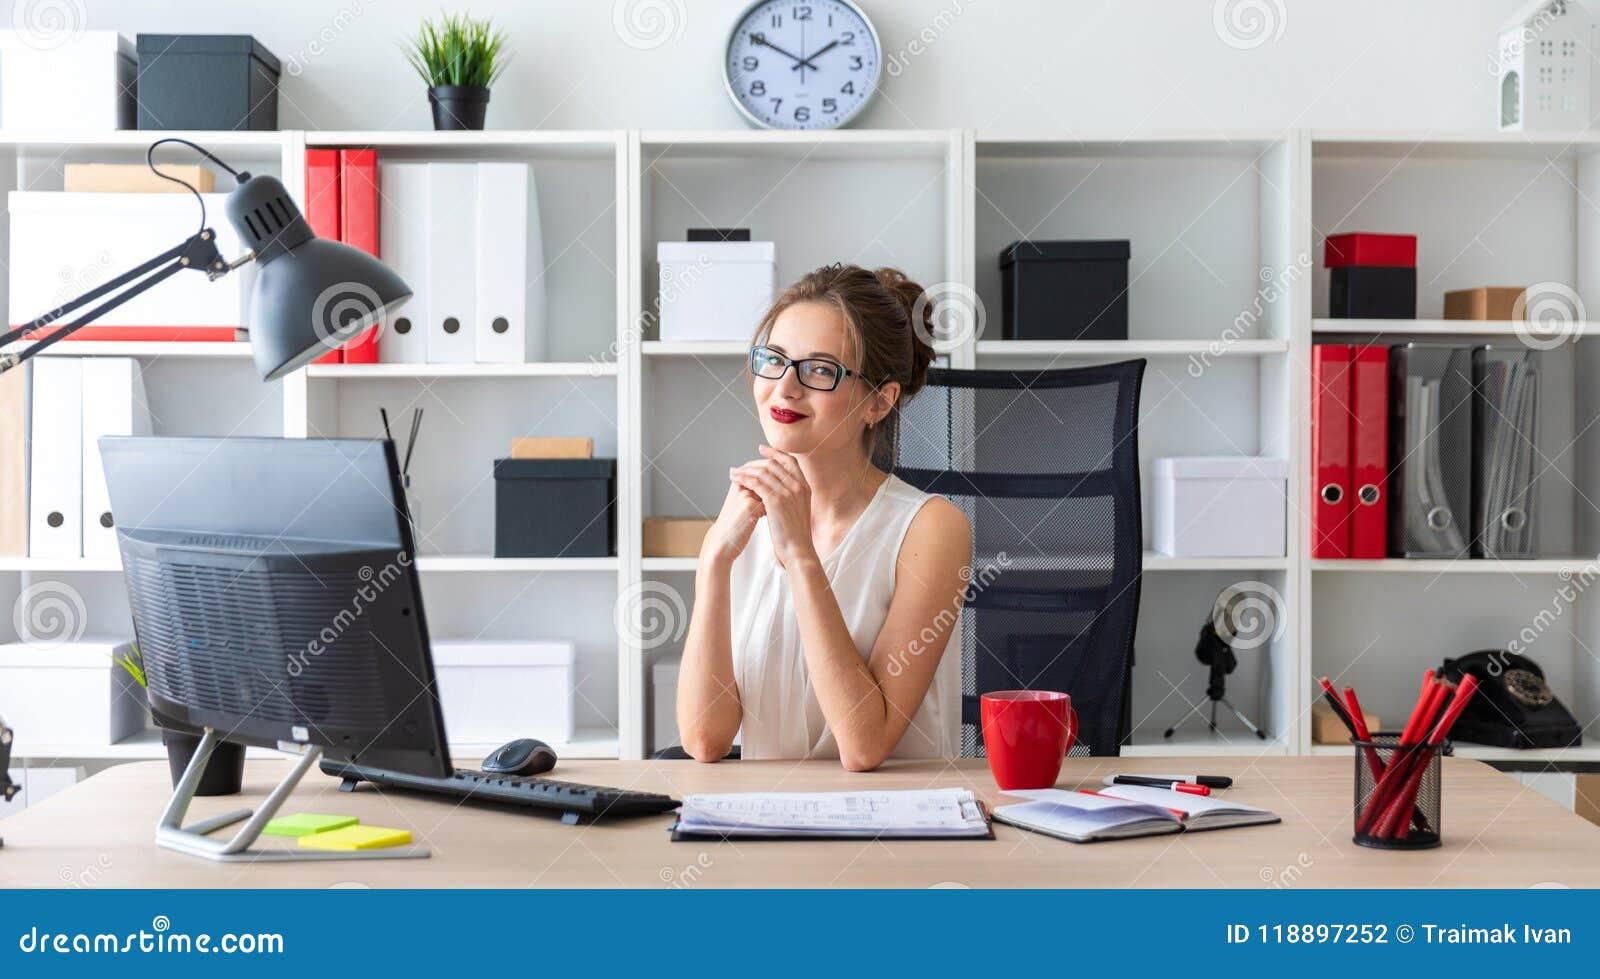 一个女孩坐在书桌在办公室